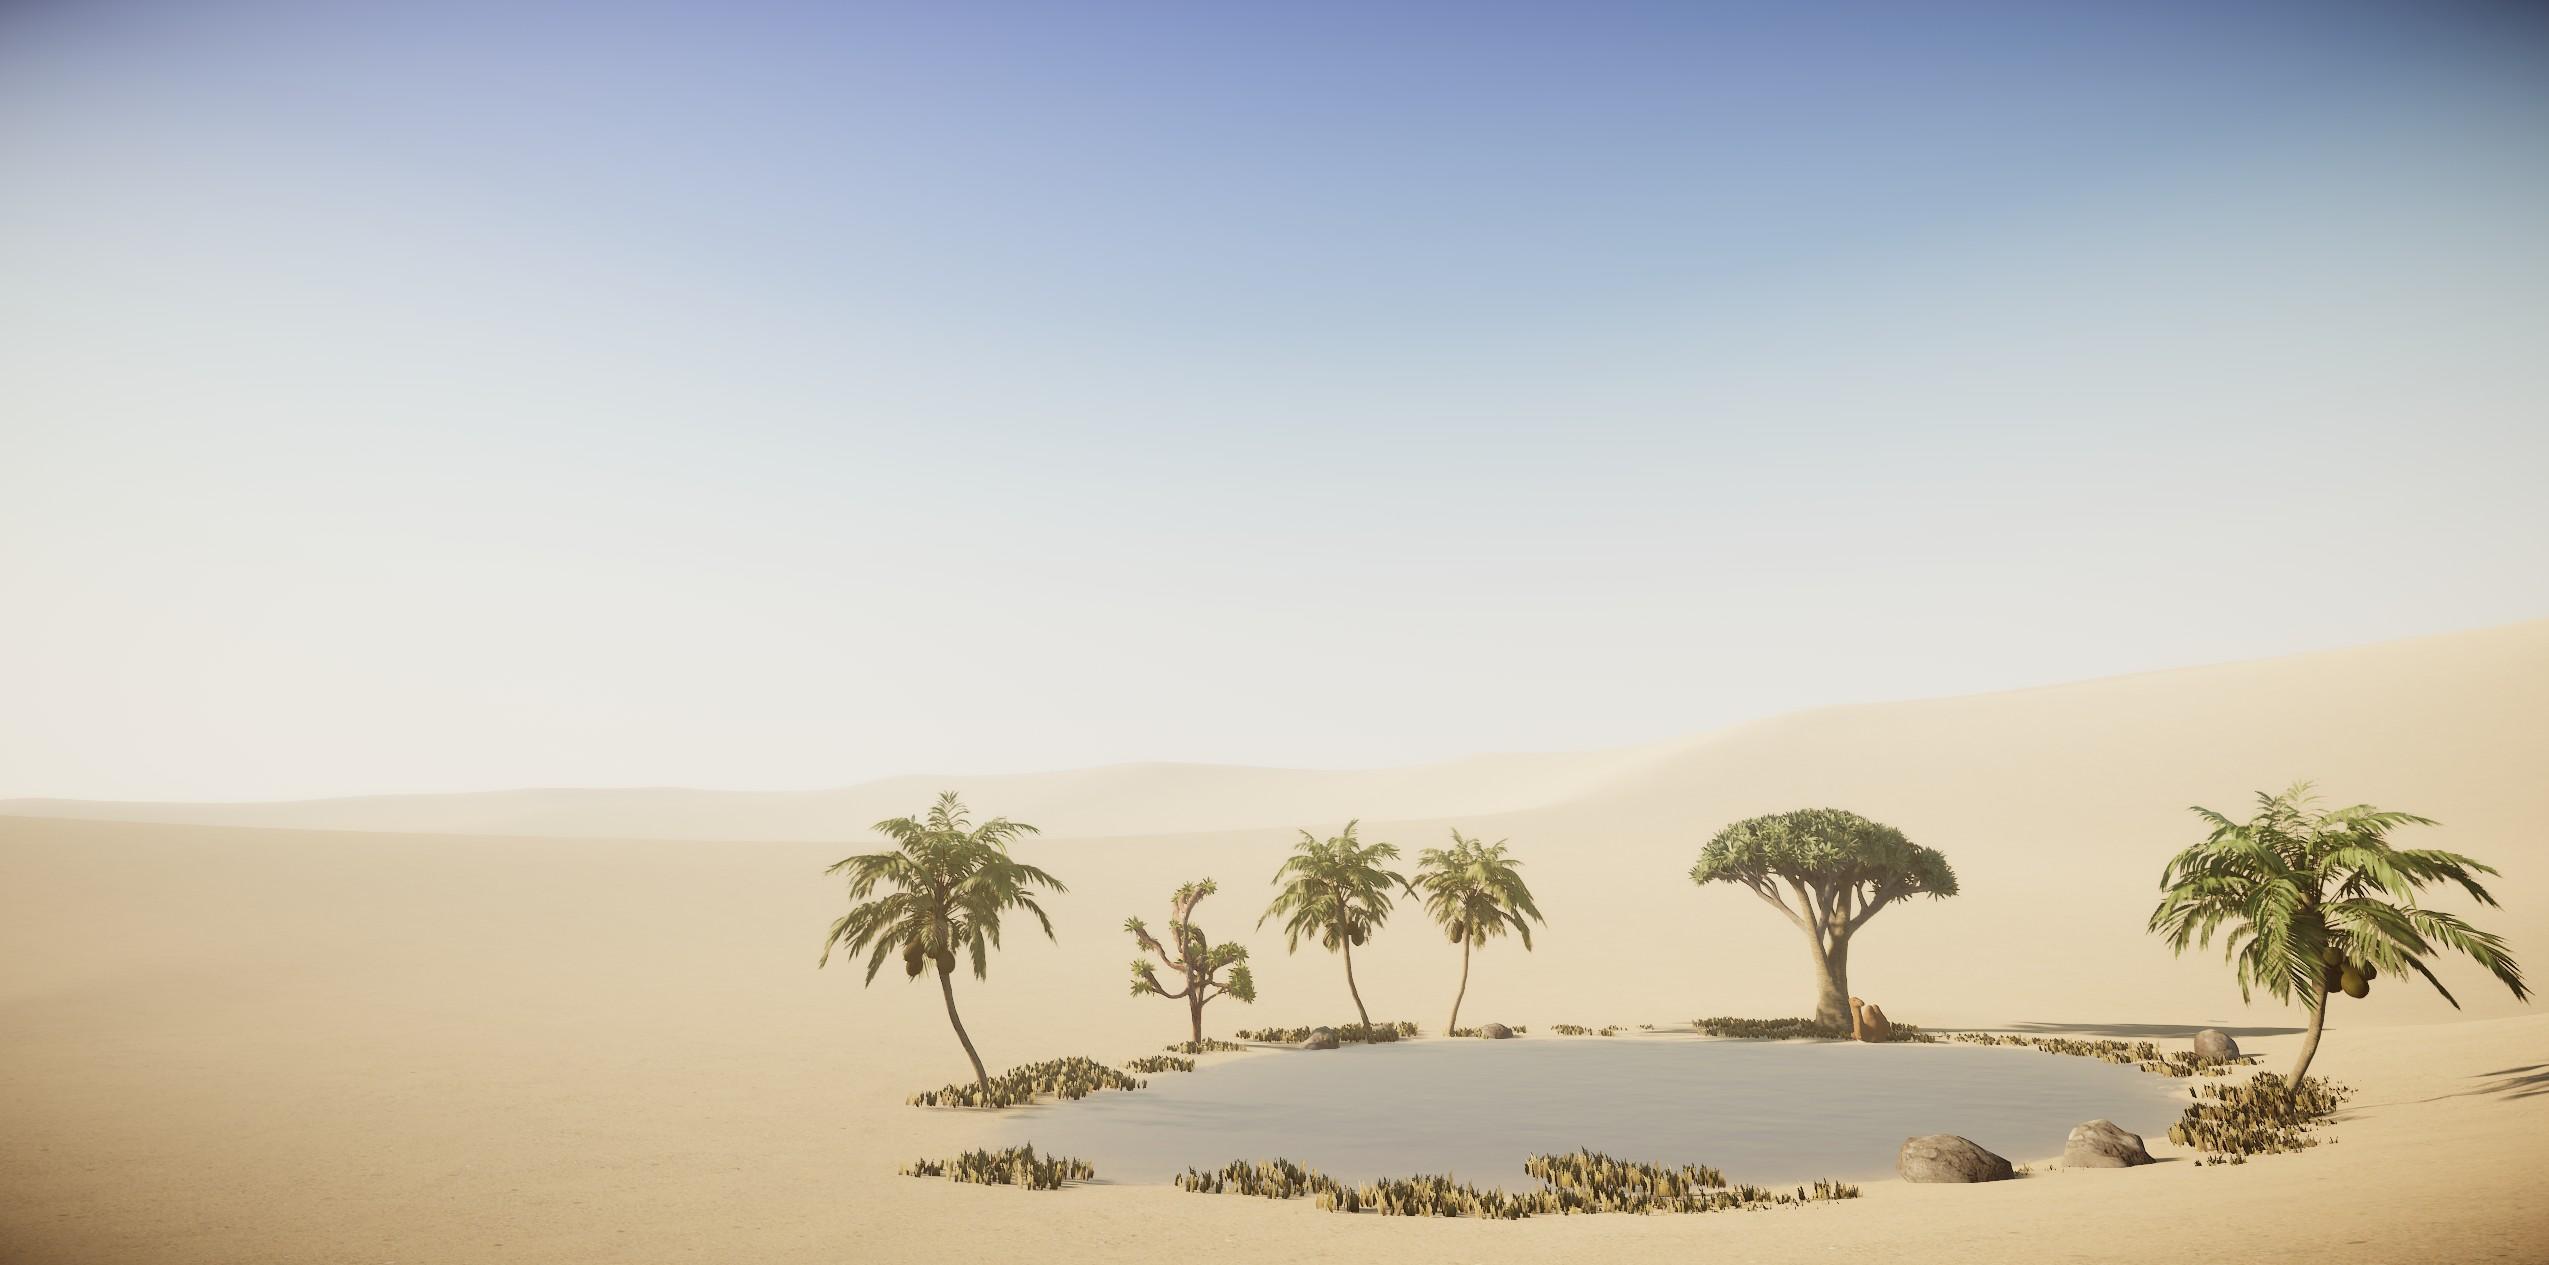 desert 02.jpg